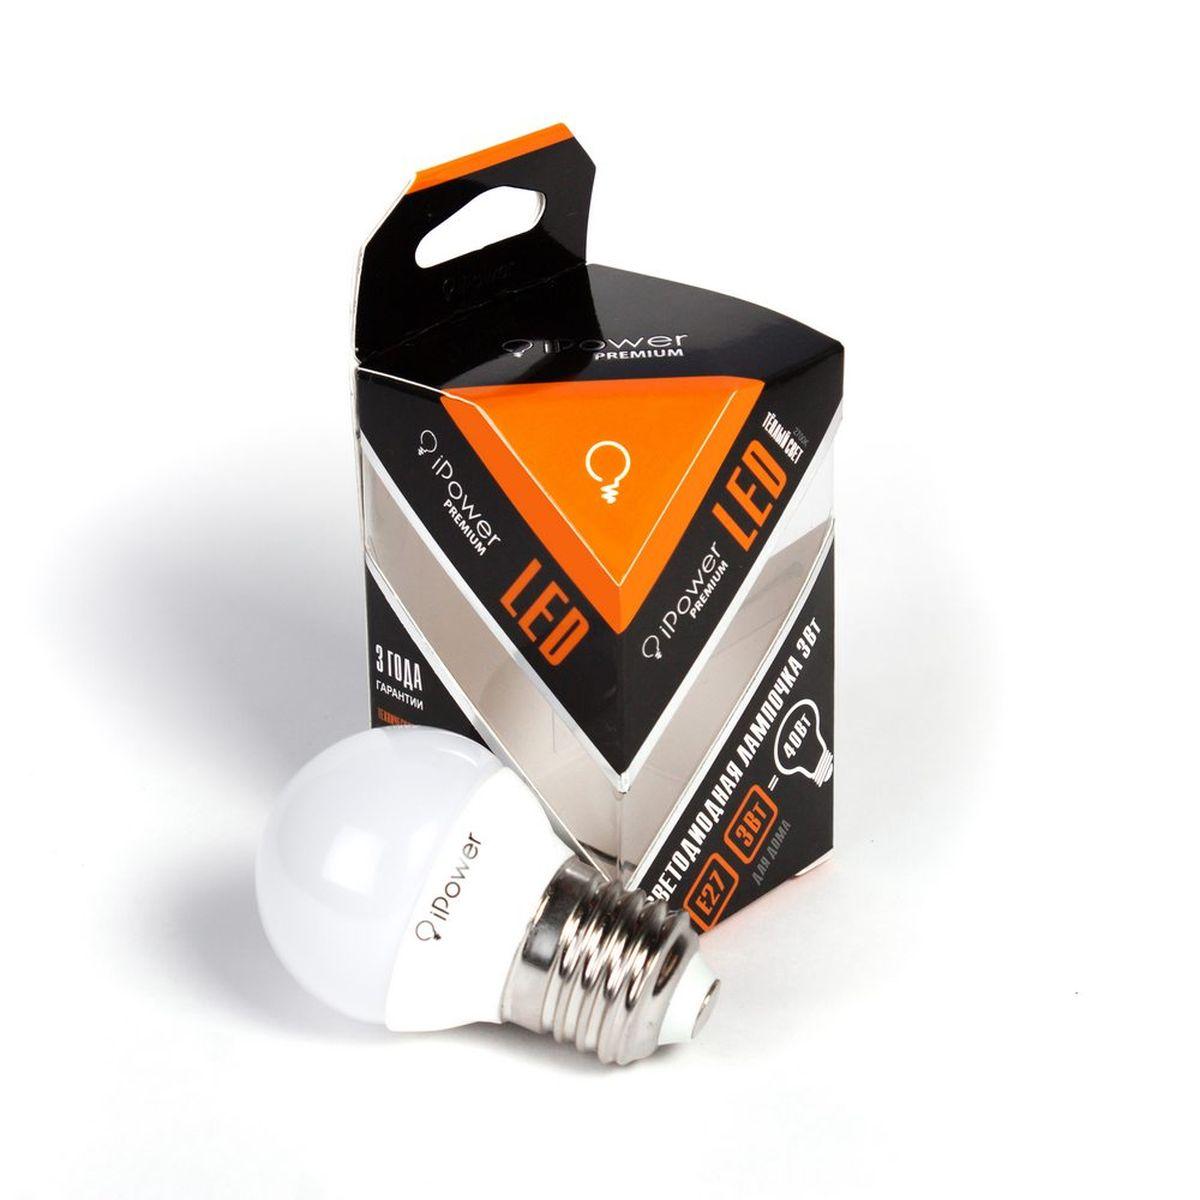 Лампа светодиодная iPower Premium, цоколь Е27, 3W, 2700К1001960Светодиодная лампа iPower Premium имеет очень низкое энергопотребление. В сравнении с лампами накаливания LED потребляет в 12 разменьше электричества, а в сравнении с энергосберегающими - в 2-4 раза меньше. При этом срок службы LED лампочки в 5 раз выше, чемэнергосберегающей, и в 50 раз выше, чем у лампы накаливания. Светодиодная лампа iPower Premium создает мягкий рассеивающий свет безмерцаний, что совершенно безопасно для глаз. Она специально разработана по требованиям российских и европейских законов и подходит ковсем осветительным устройствам, совместимым со стандартным цоколем E27. Использование светодиодов от мирового лидера Epistar - этозалог надежной и стабильной работы лампы. Теплый оттенок света лампы по световой температуре соответствует обычной лампе накаливания ипозволит создать уют в доме и местах отдыха.Диапазон рабочих температур от -50°С до +50 °СМатериал: алюминий, поликарбонат.Потребляемая мощность: 3 Вт.Рабочее напряжение: 220В.Световая температура: 2700К (теплый свет).Срок службы: 50000 часов.Форма: стандарт.Цоколь: стандарт (E27).Эквивалент мощности лампы накаливания: 40 Вт.Яркость свечения: 250 Лм.